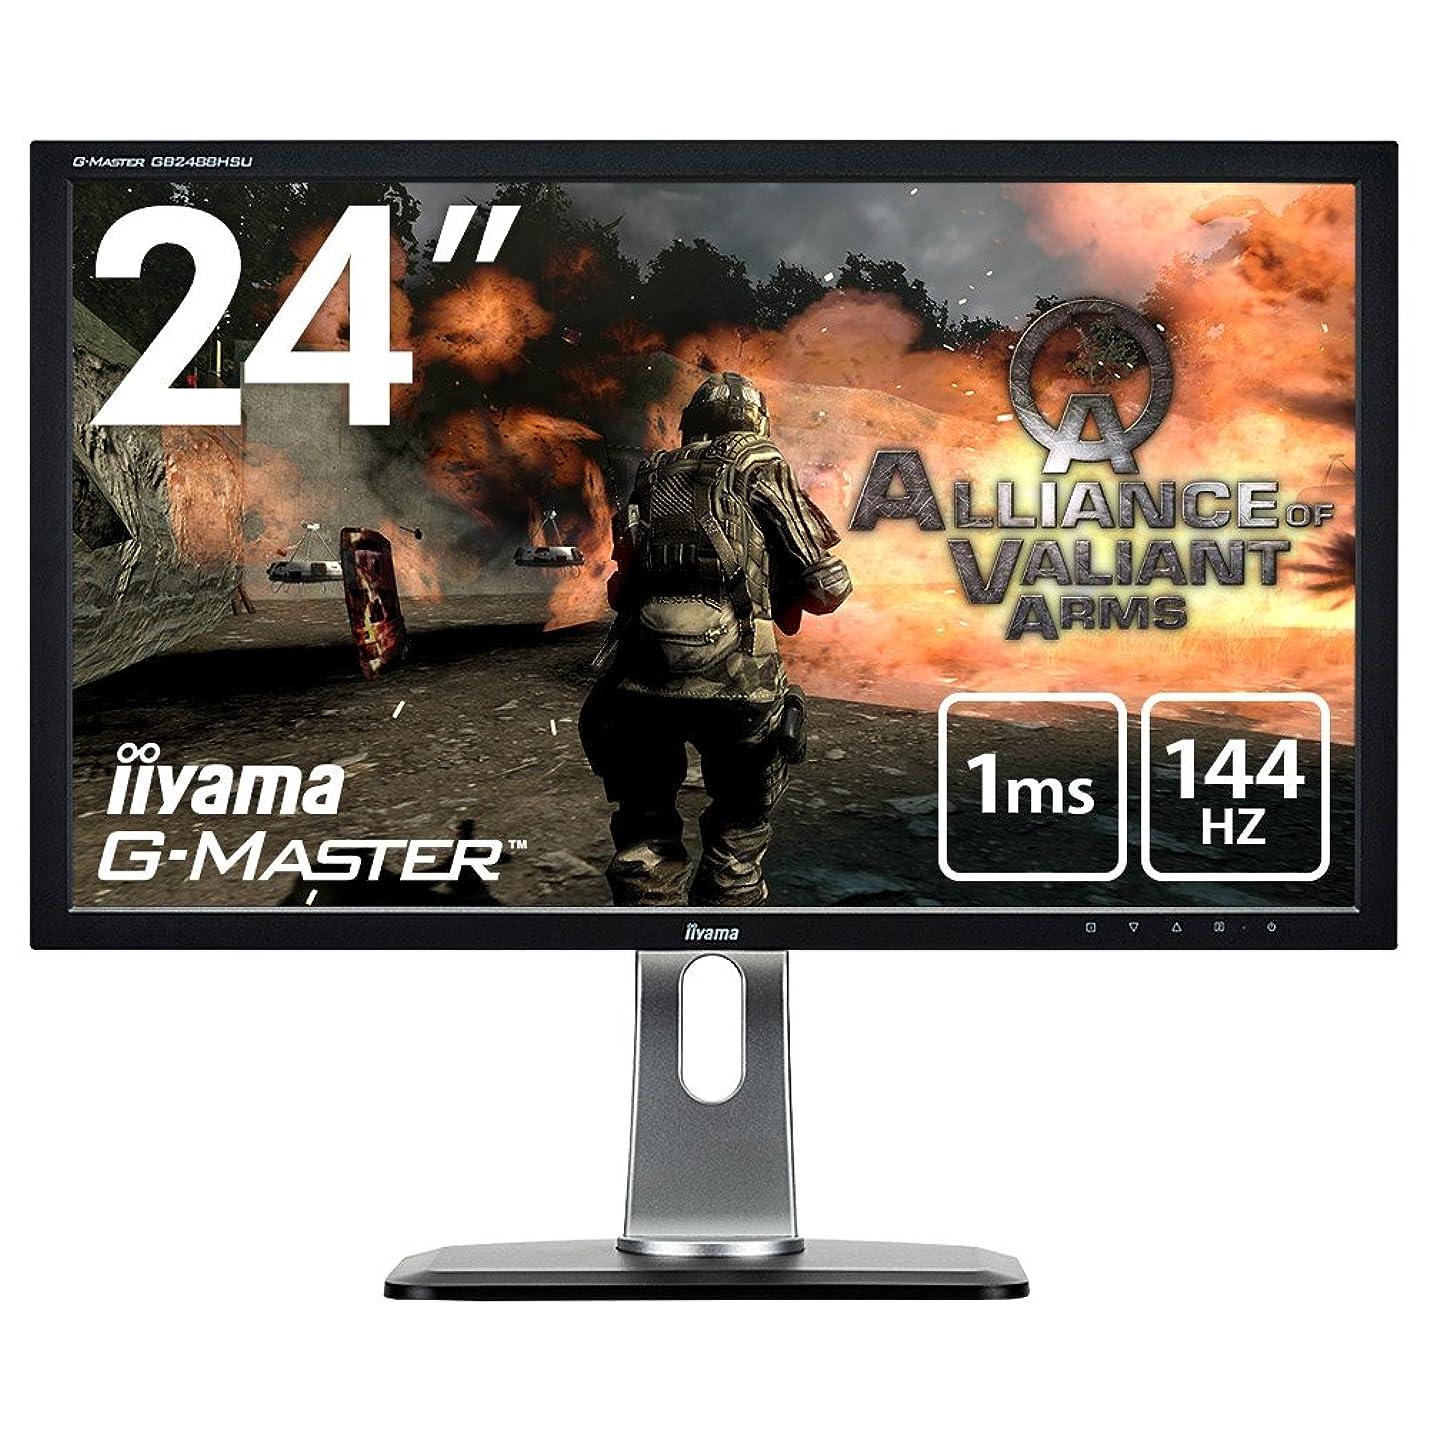 人差し指まだら成分iiyama ゲーミング モニター ディスプレイ GB2488HSU-B3 (24インチ/144Hz/1ms/昇降スタンド付/フルHD/TN/DisplayPort,HDMI×2,DVI-D) 【AVA推奨モデル】